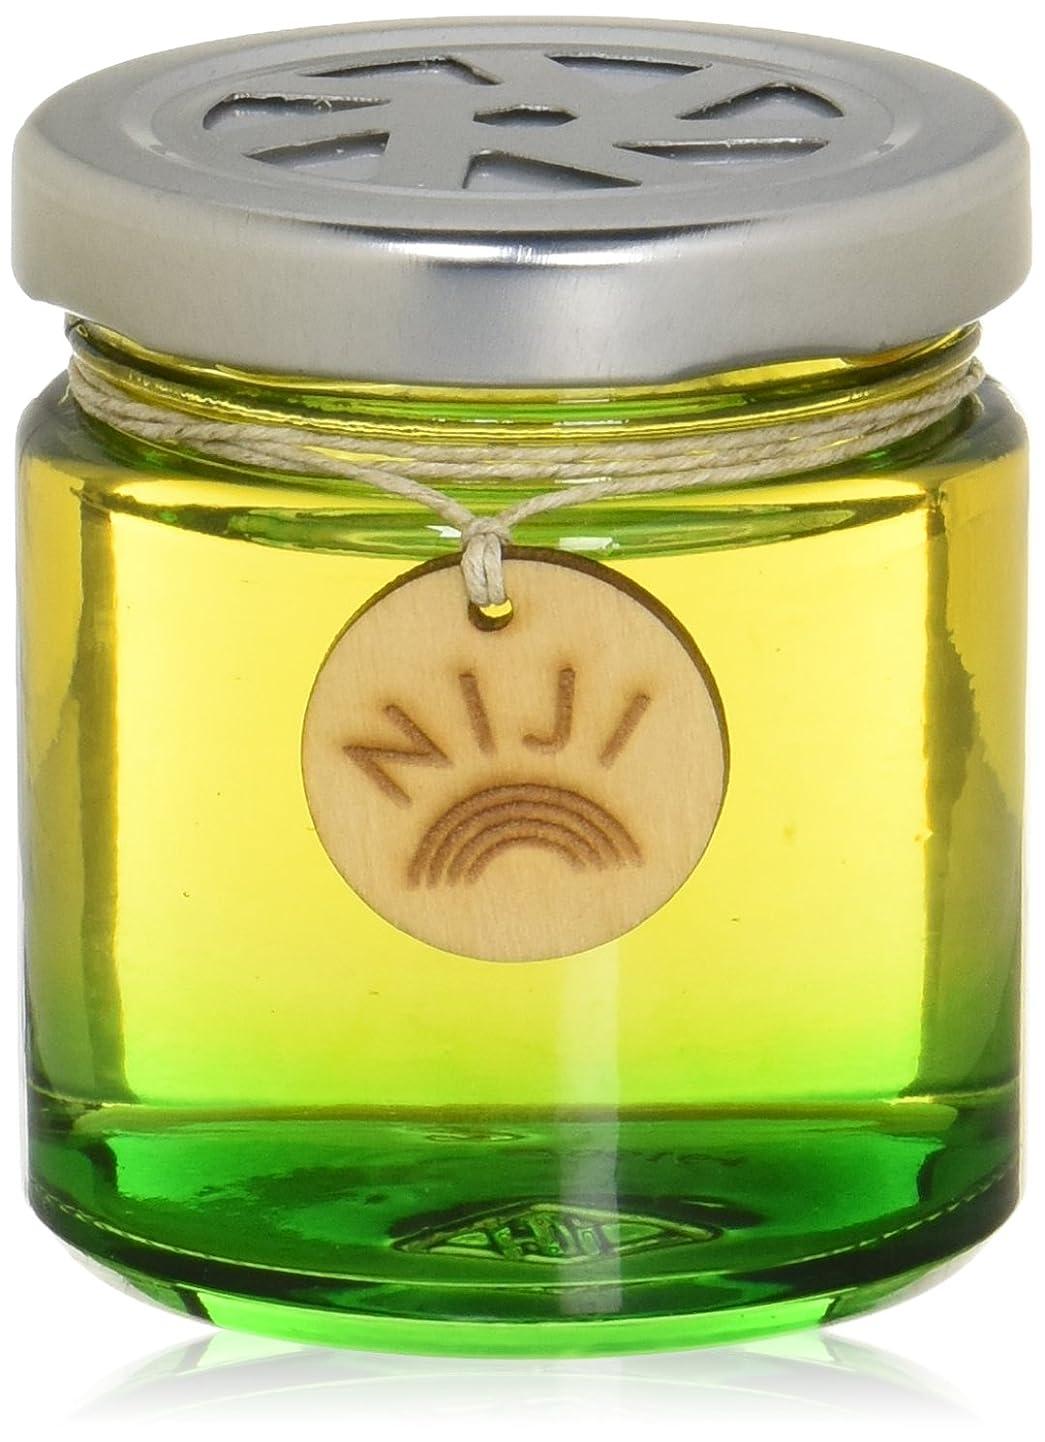 無知鉄荷物NIJI(ニジ) フレグランスゲル(芳香剤) グリーンフラッシュ 90g